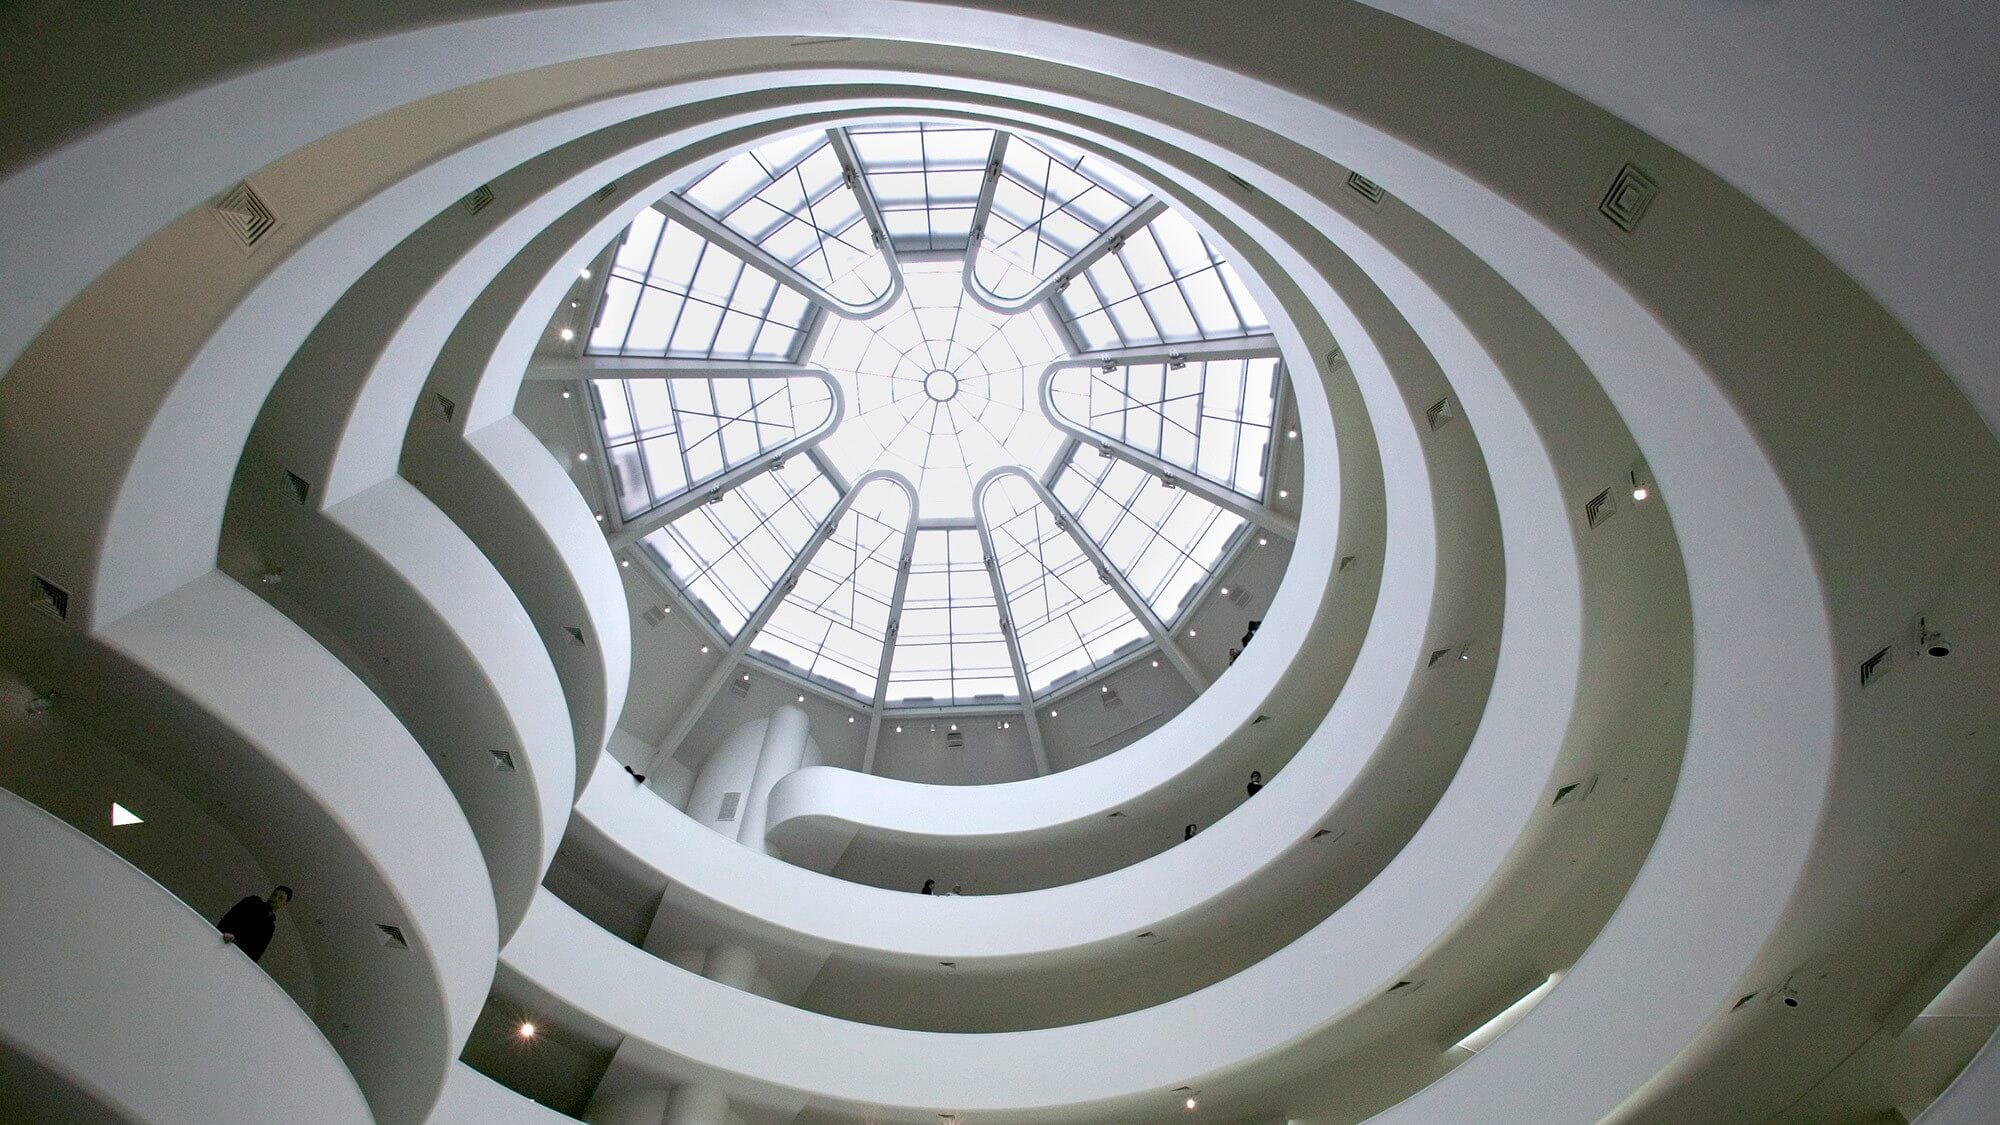 A view from the rotunda upwards.